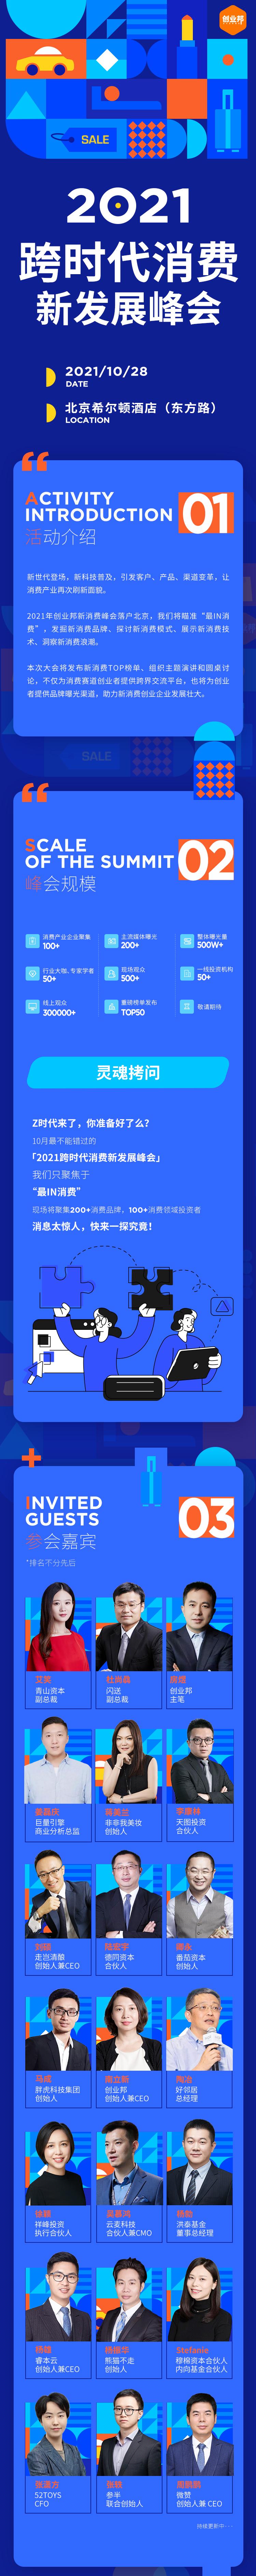 新消费长图(活动介绍)_01.jpg